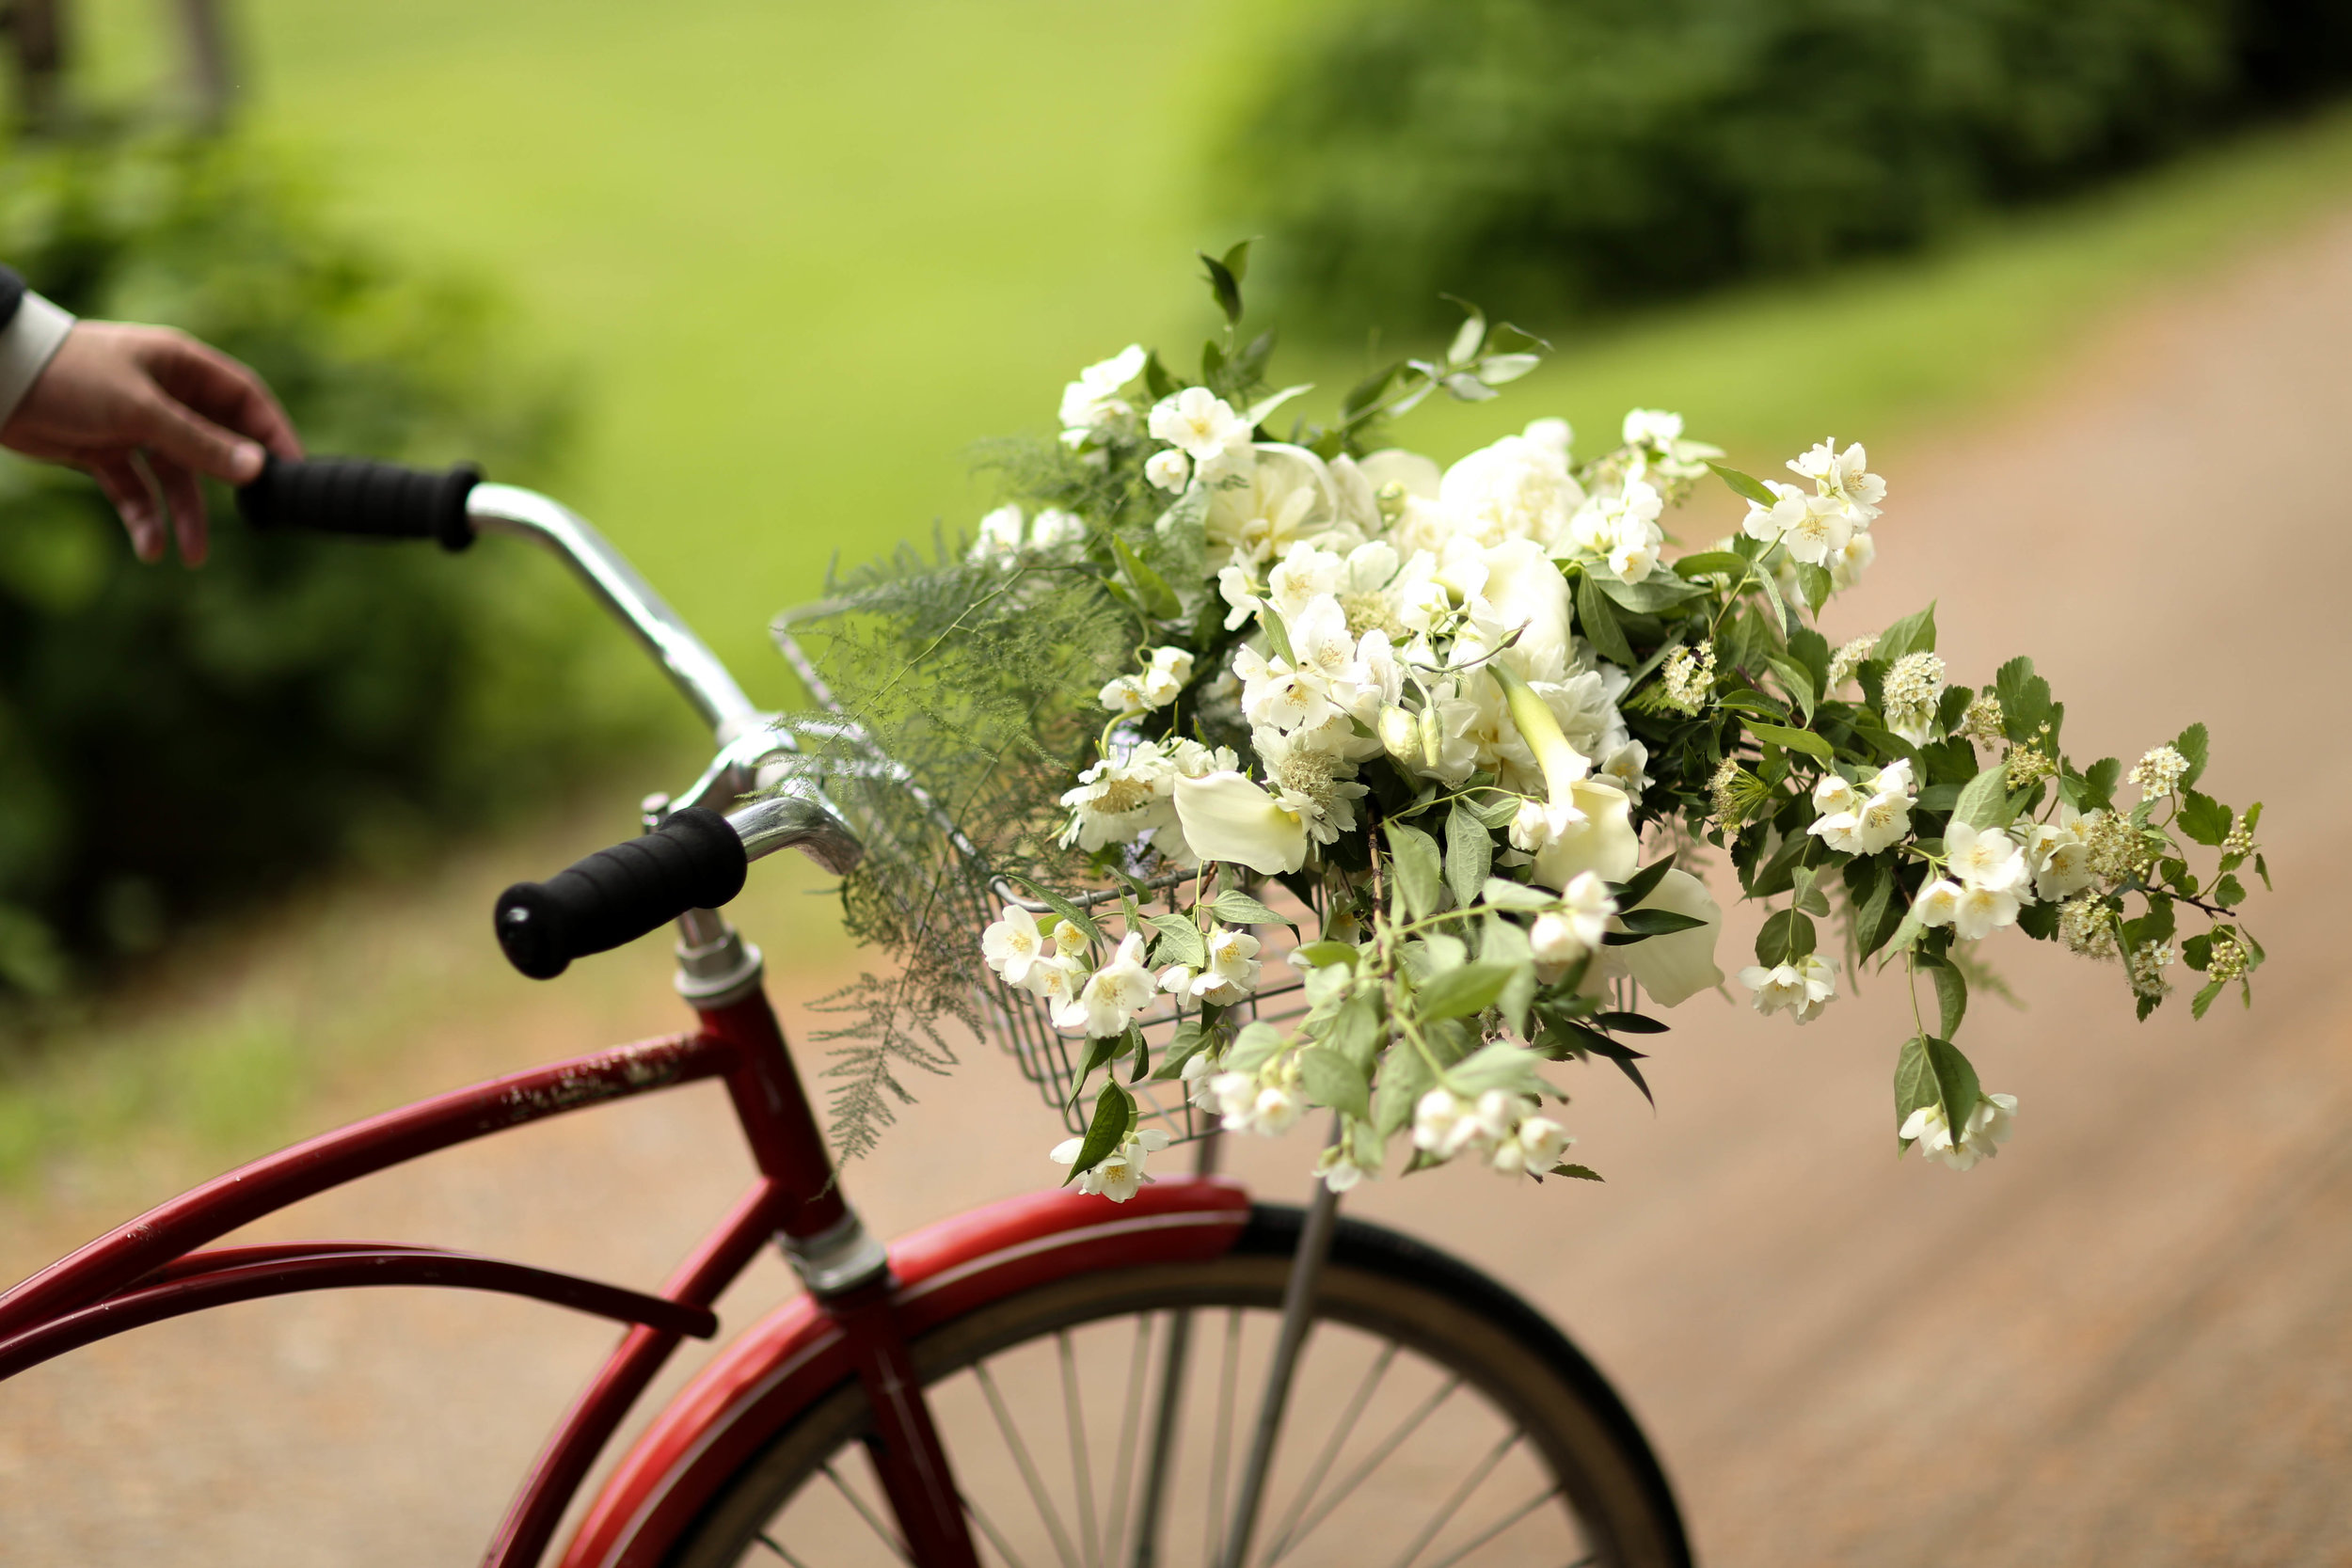 camrose-hill-farm-wedding